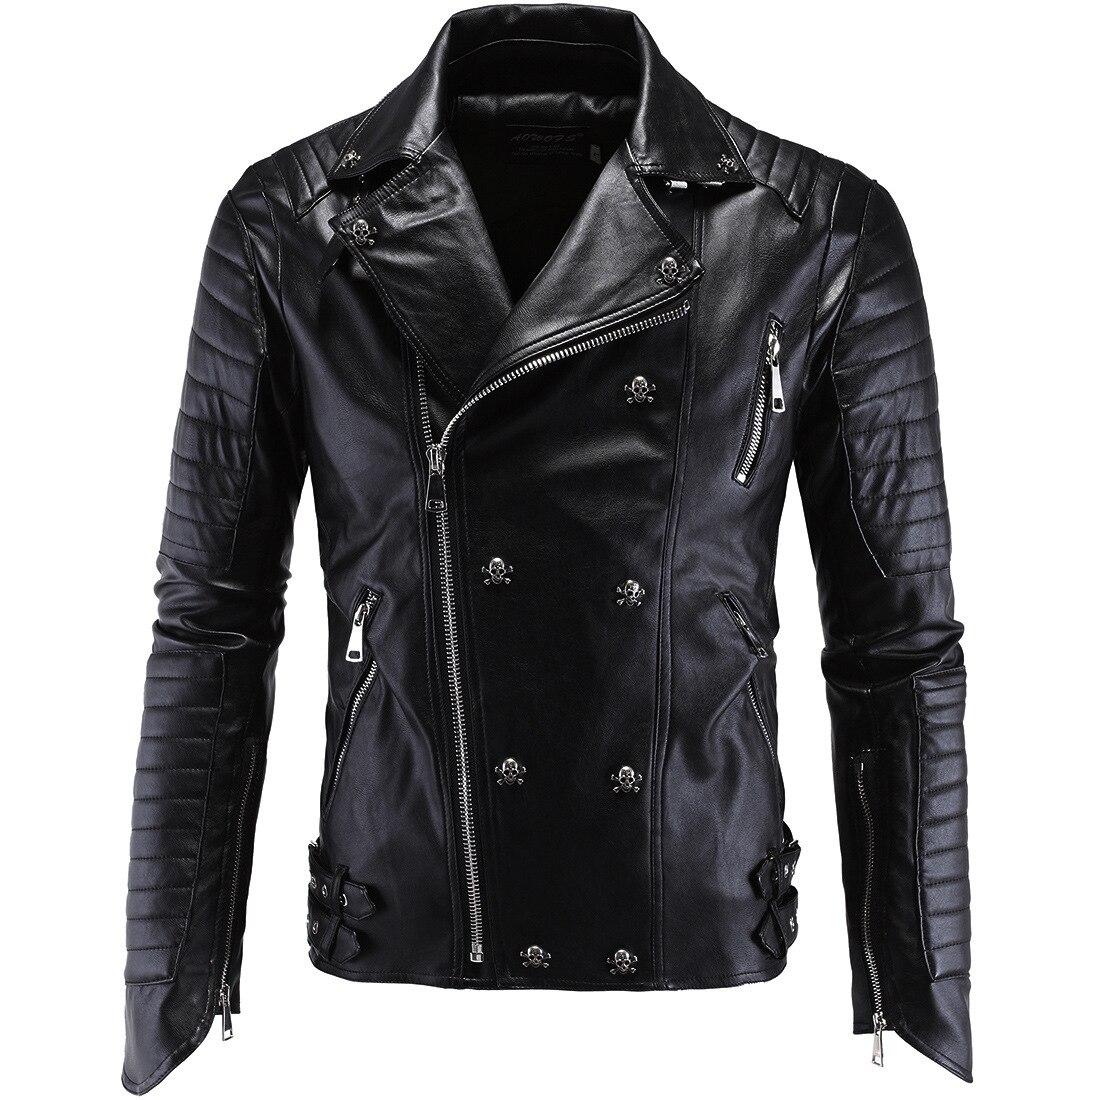 Uomini giacca di Pelle degli uomini Sottili di moda in pelle moto Sottile Harley giacca di pelle per gli uomini-in Giacche in pelle sintetica da Abbigliamento da uomo su  Gruppo 1